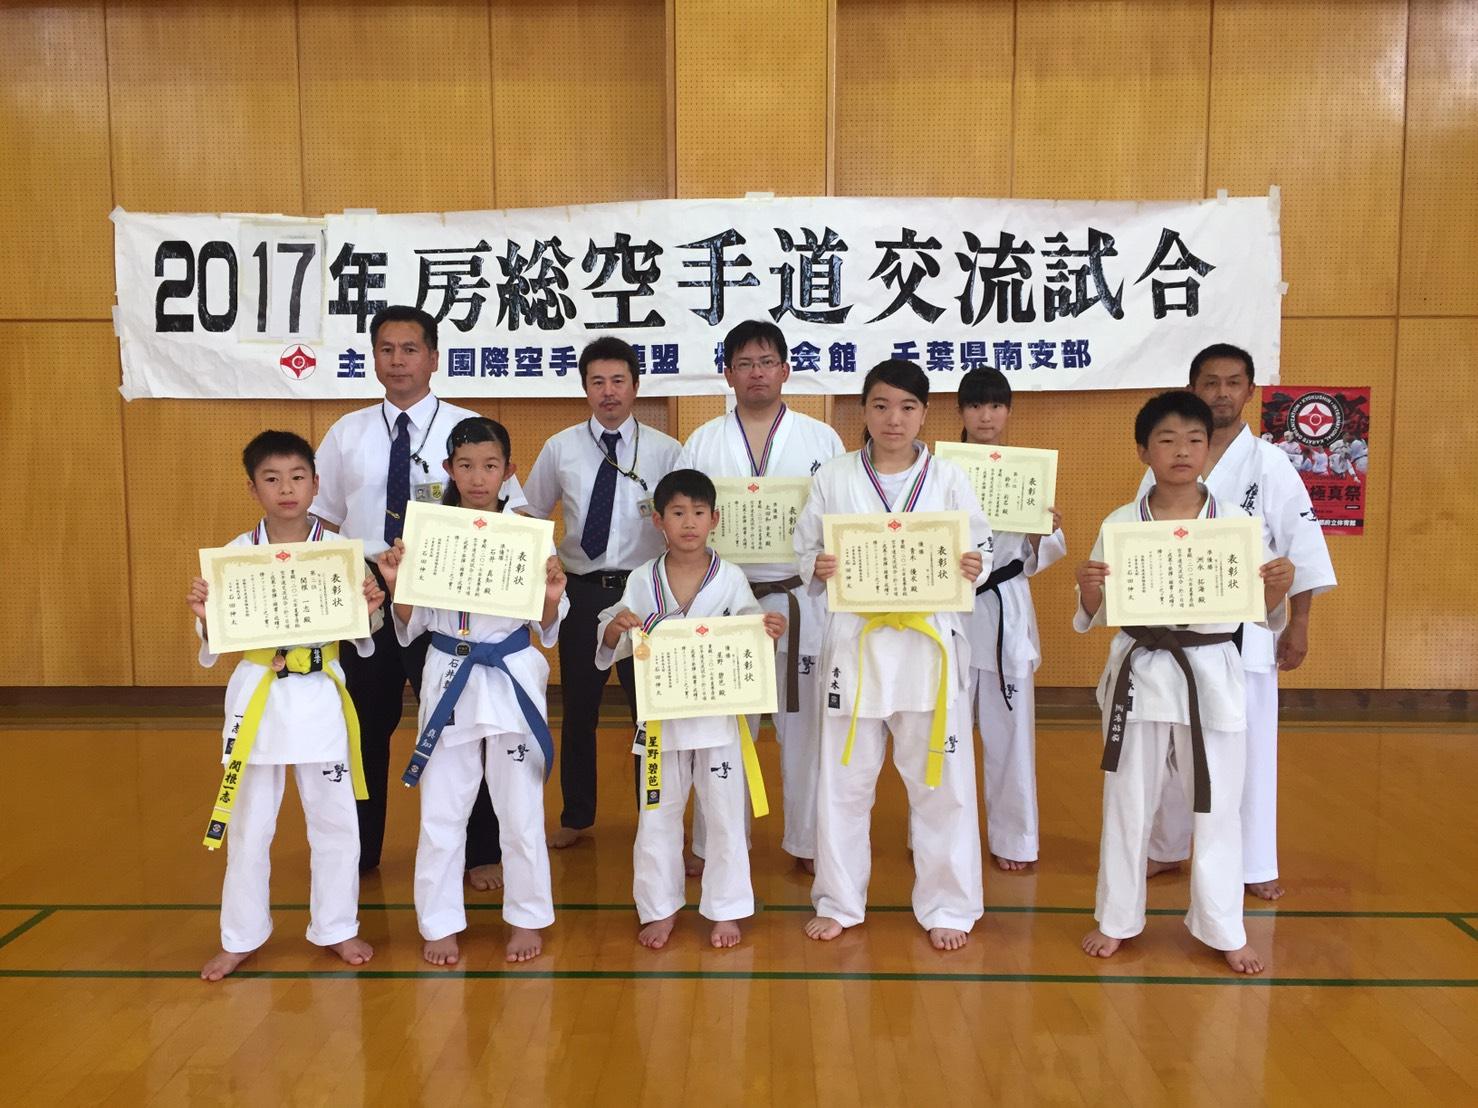 http://www.kyokushin-chibaminami.com/images/1499047850241.jpg